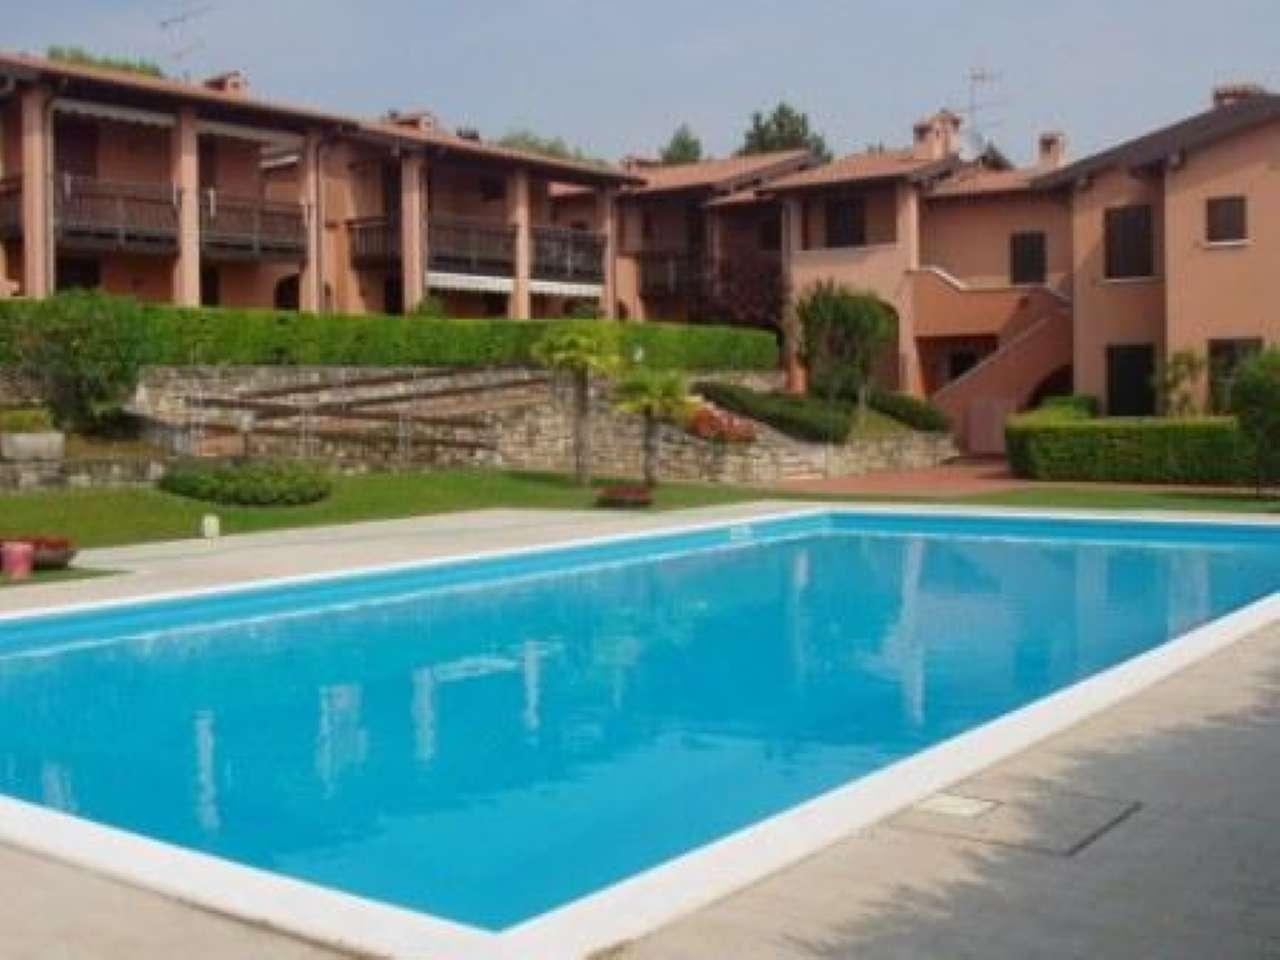 Appartamento in affitto a Soiano del Lago, 3 locali, prezzo € 4.500 | Cambio Casa.it